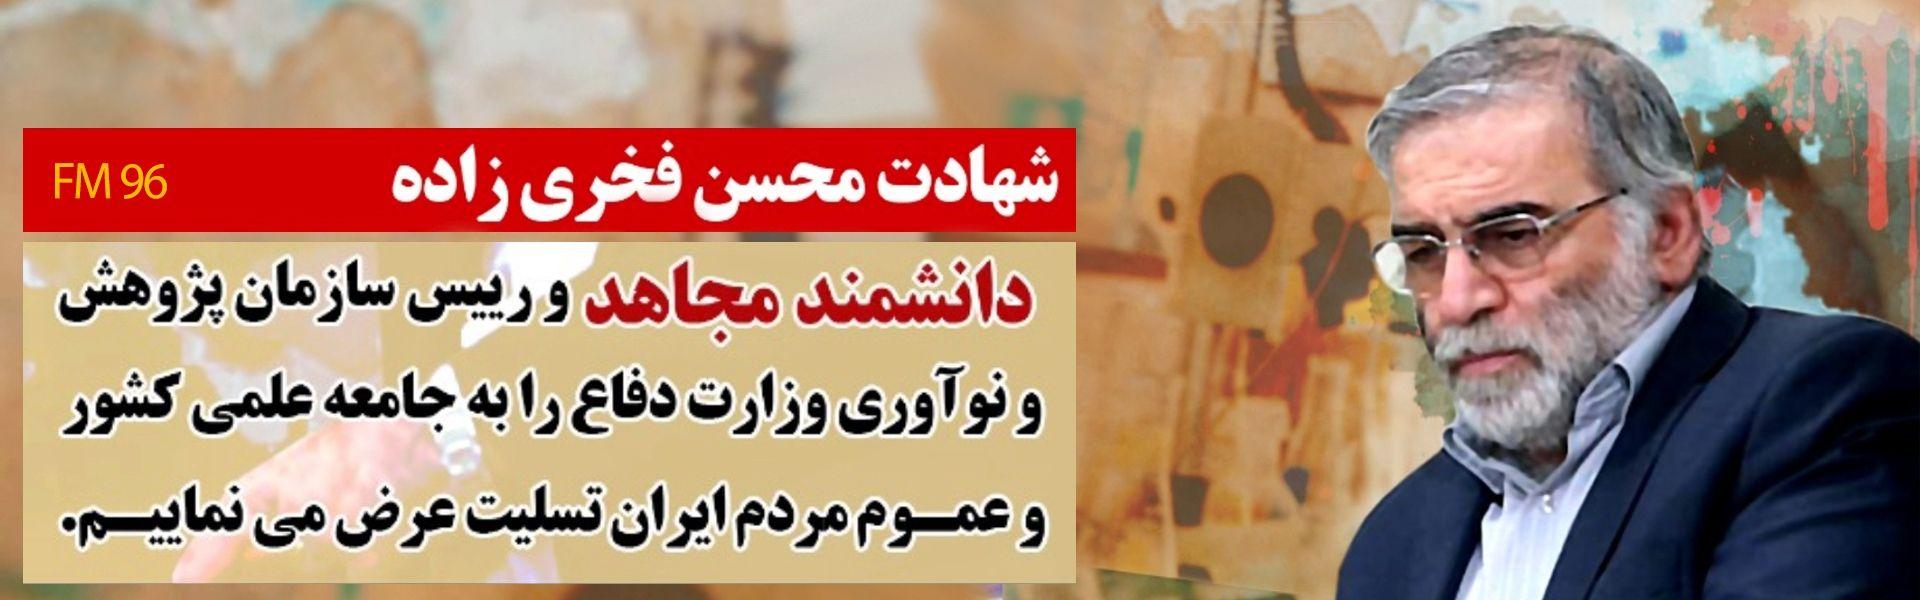 شهادت محسن فخری زاده